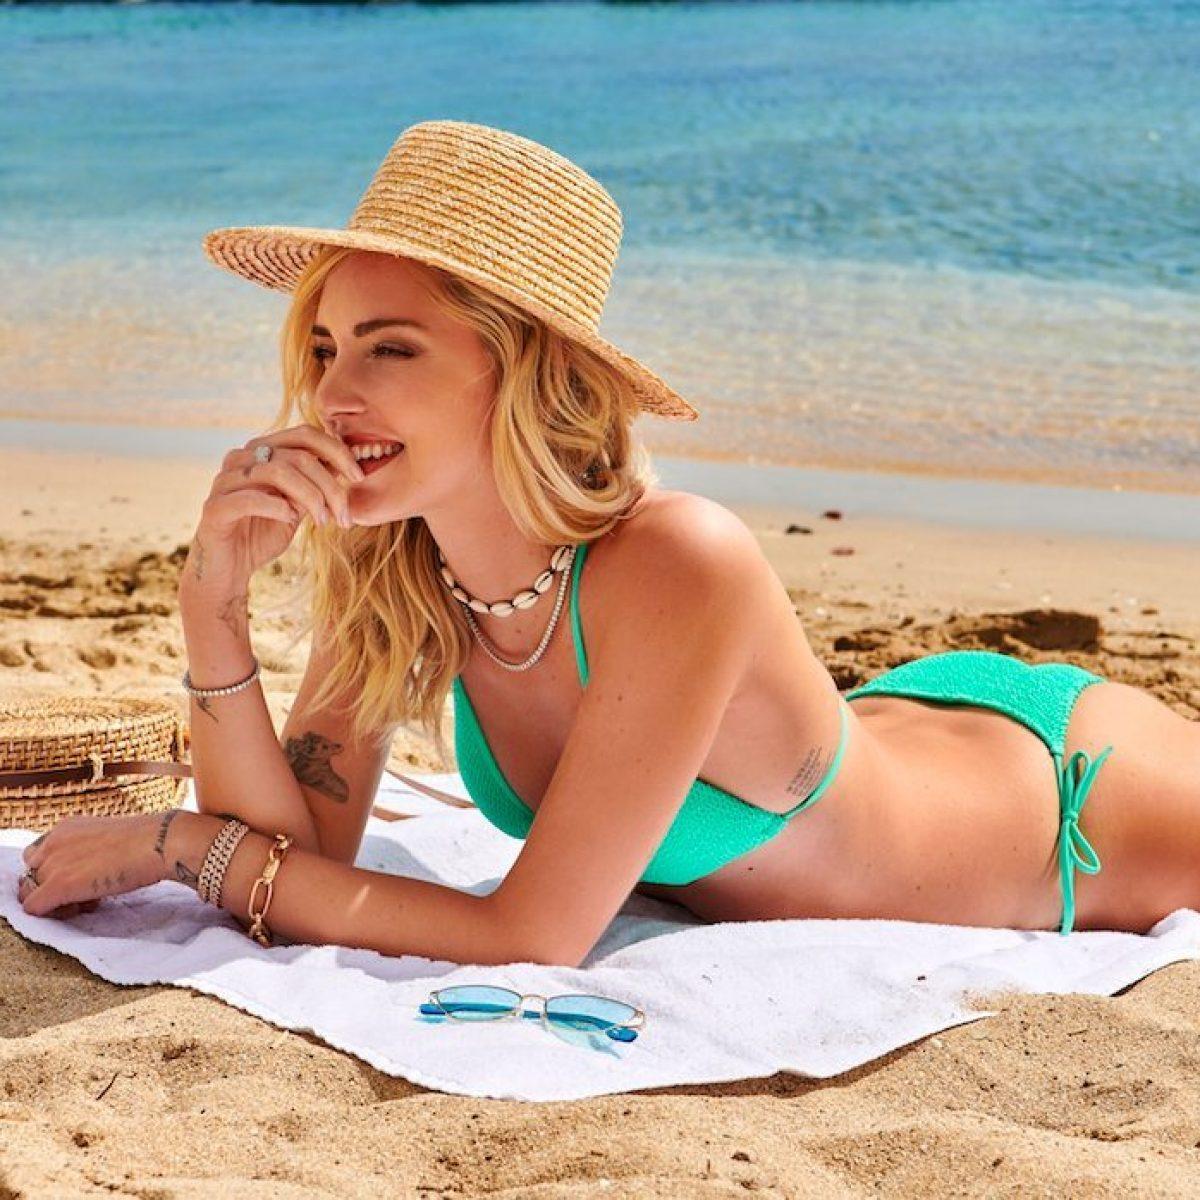 ff16a675a76d Chiara Ferragni in costume per Calzedonia: ecco i bikini più trendy ...